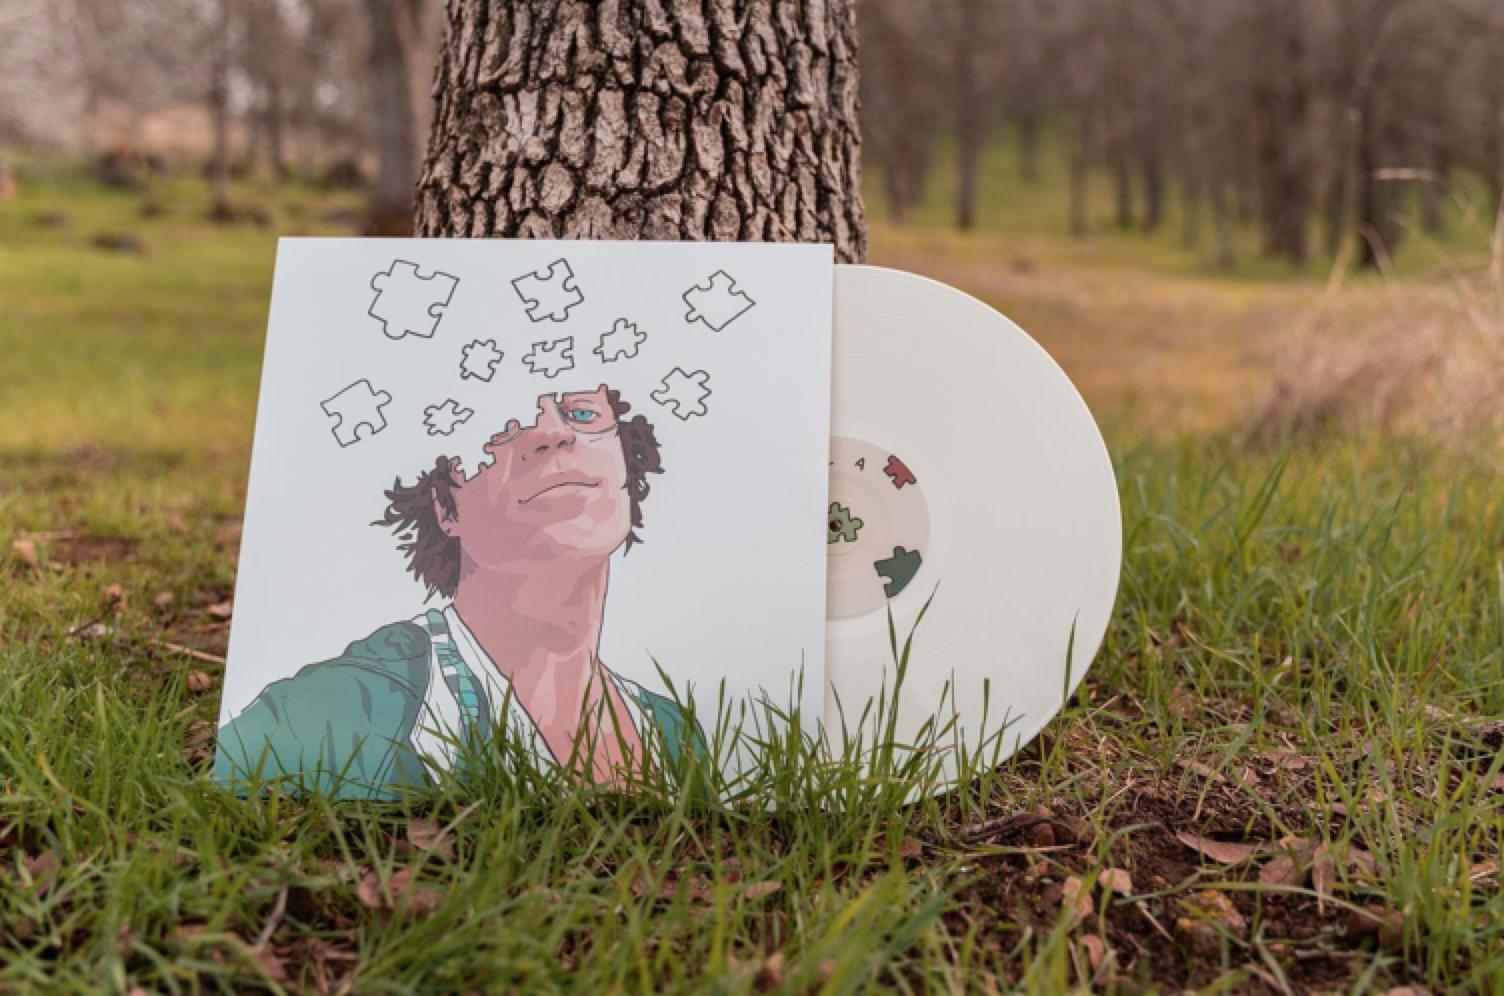 'Australische' artiest Santpoort heeft heimwee naar geboorteplaats en verwerkt dat in zijn muziek: 'Niet alleen heimwee naar mijn familie, maar ook naar de tijd waarin ik kind was' [video]